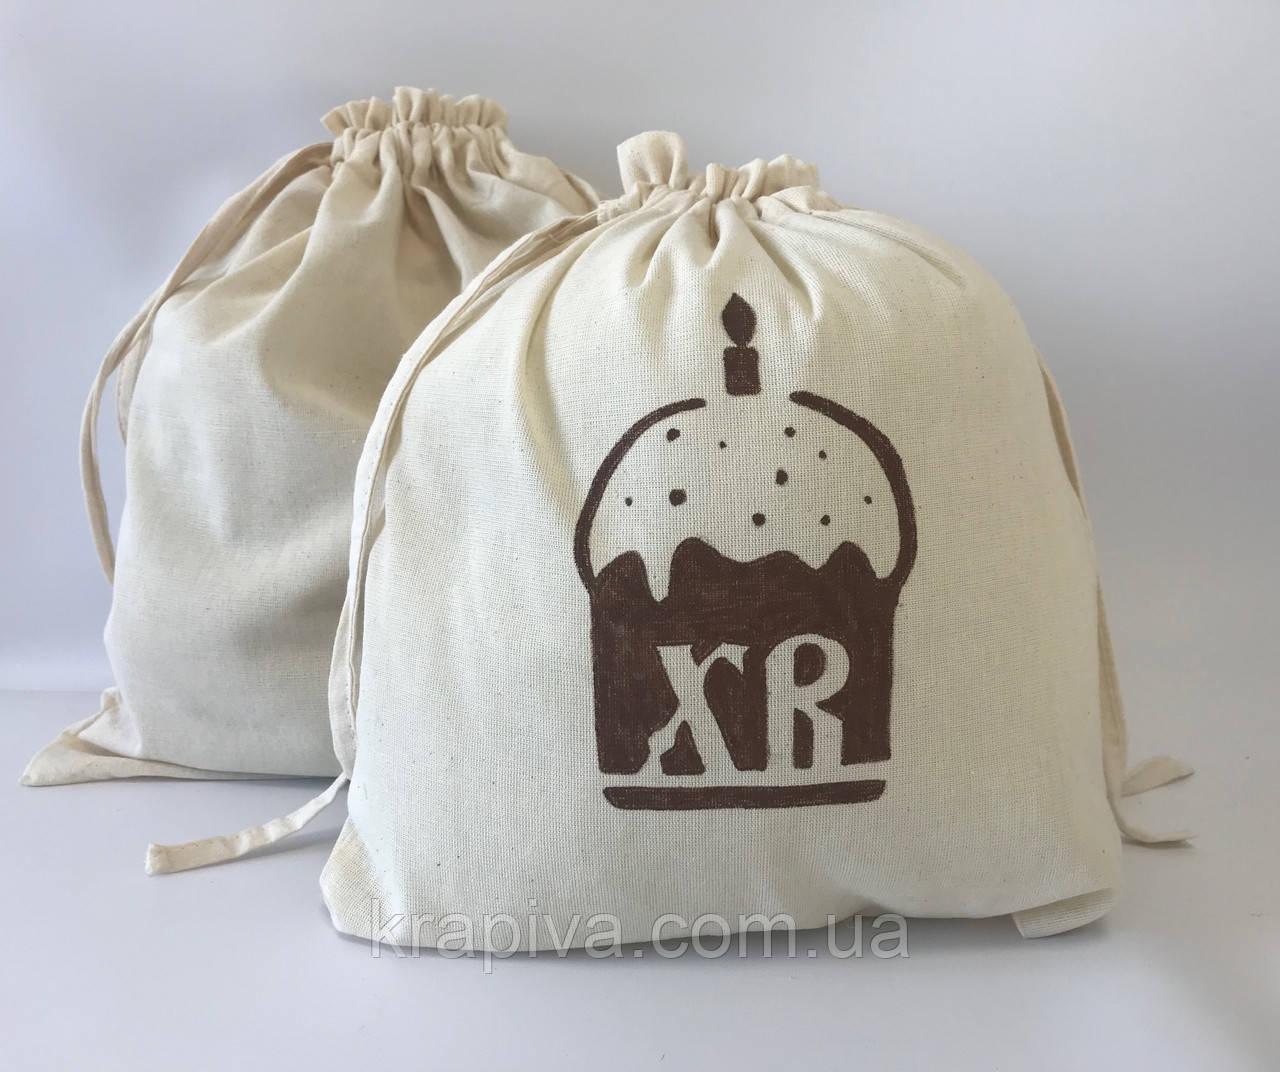 Мешок хлопок ПАСХА, упаковка для кулича, екоторба, екоторбинка, упаковка для пасхи